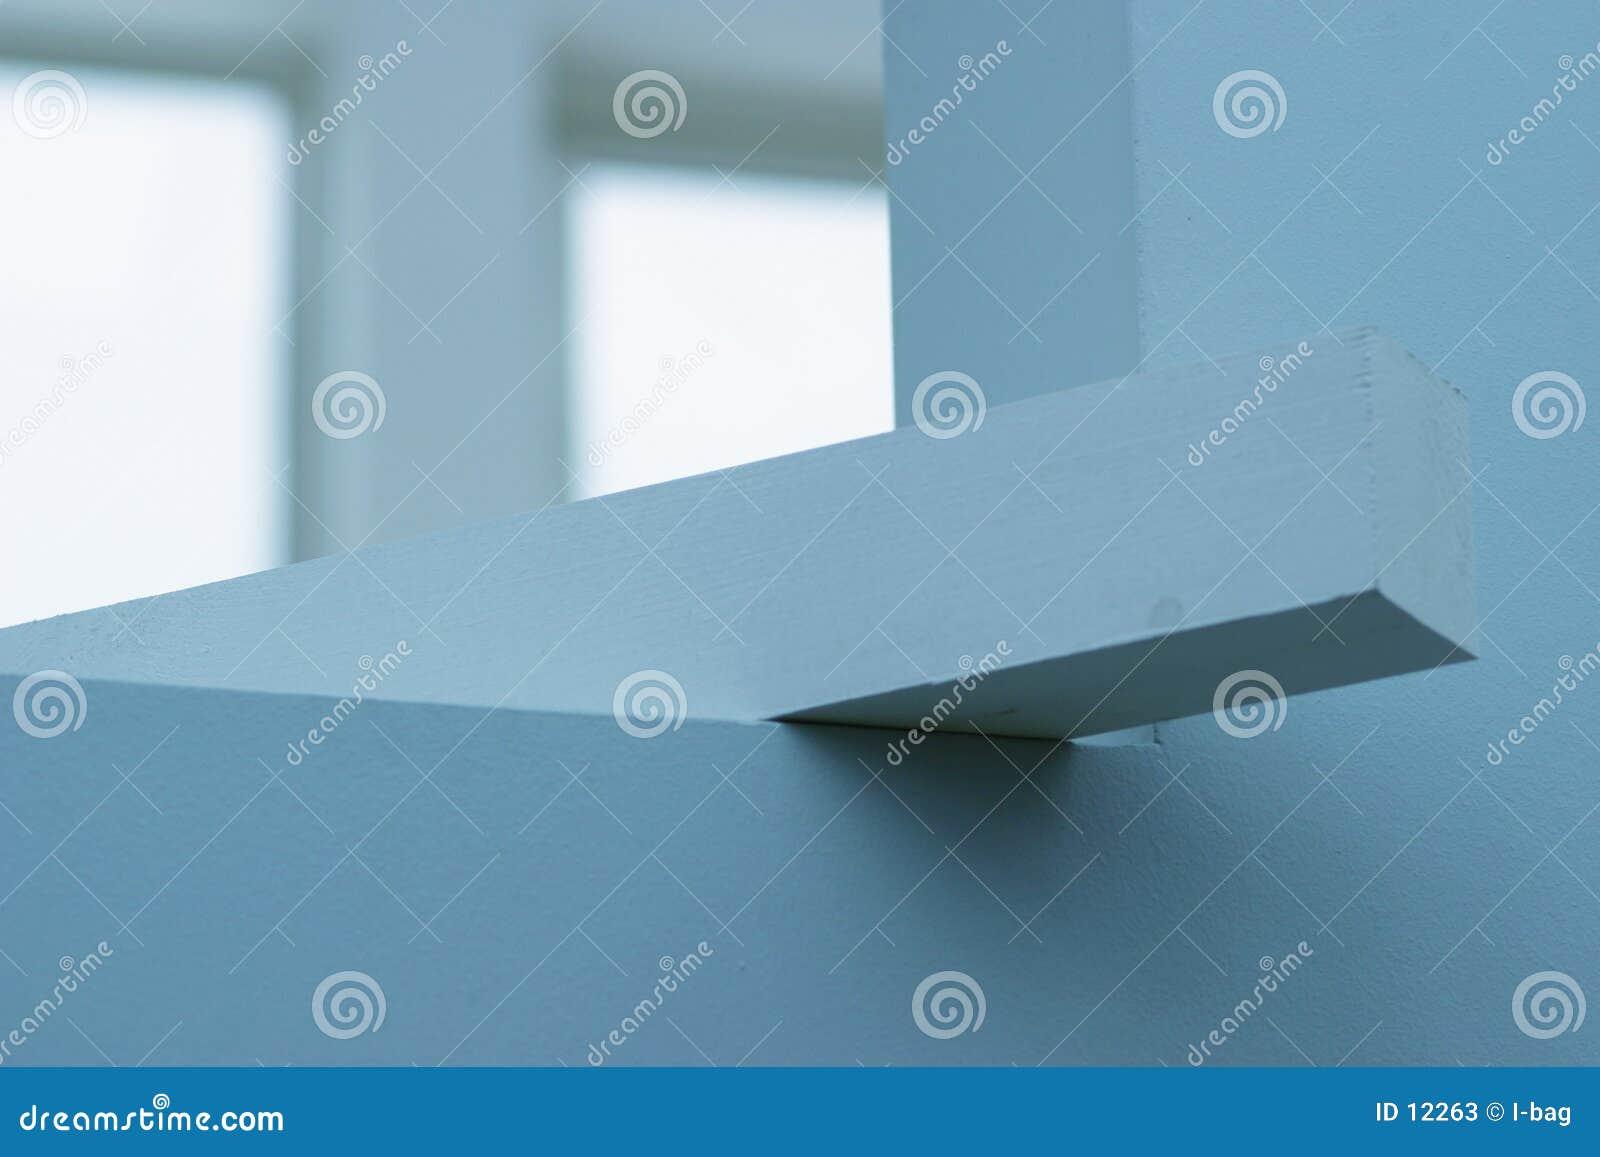 Evenwichtige straal